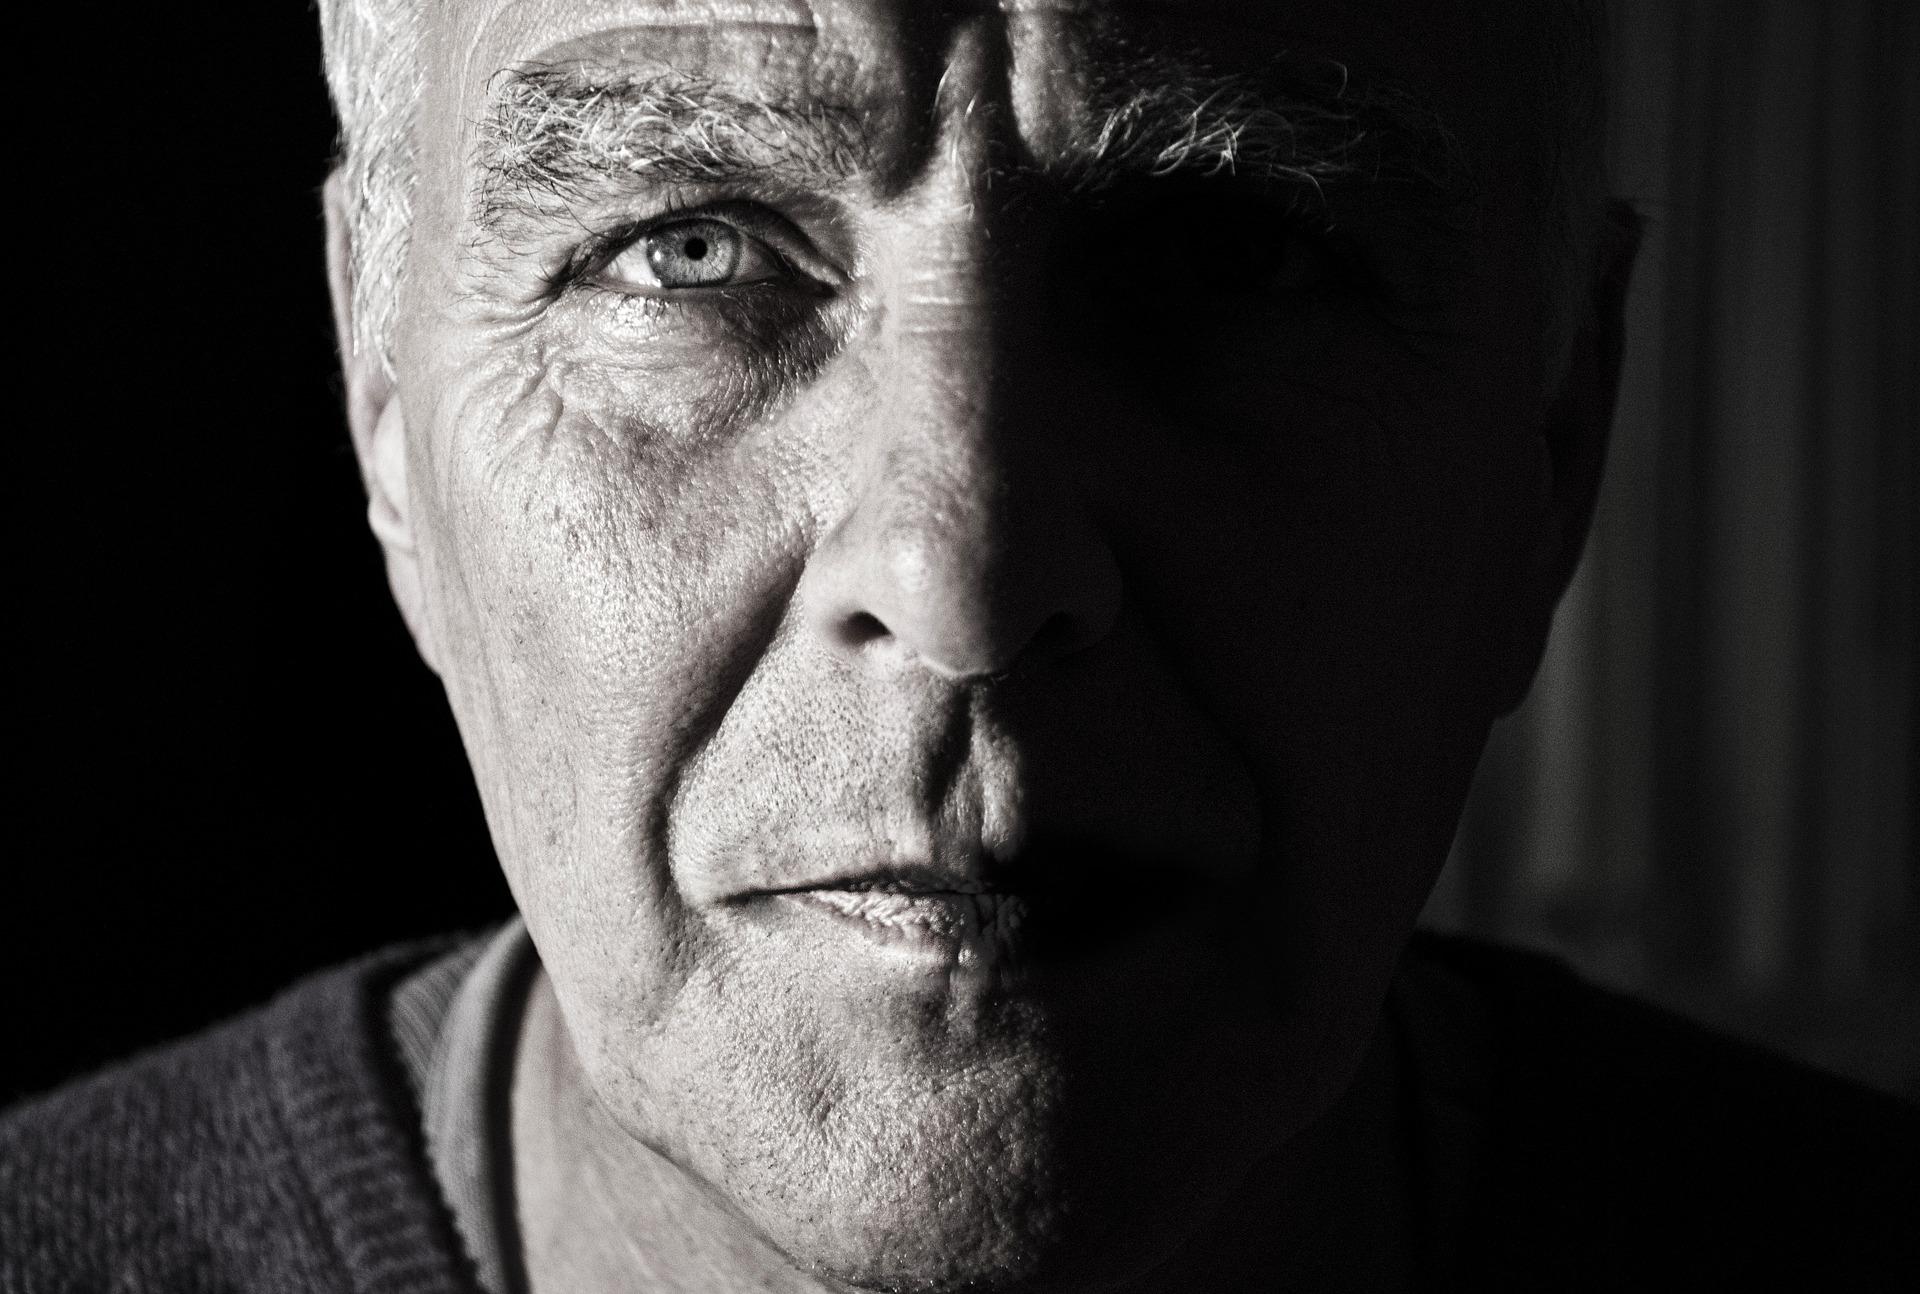 علماء يكتشفون مفتاح العمر المديد في جينات الرجال